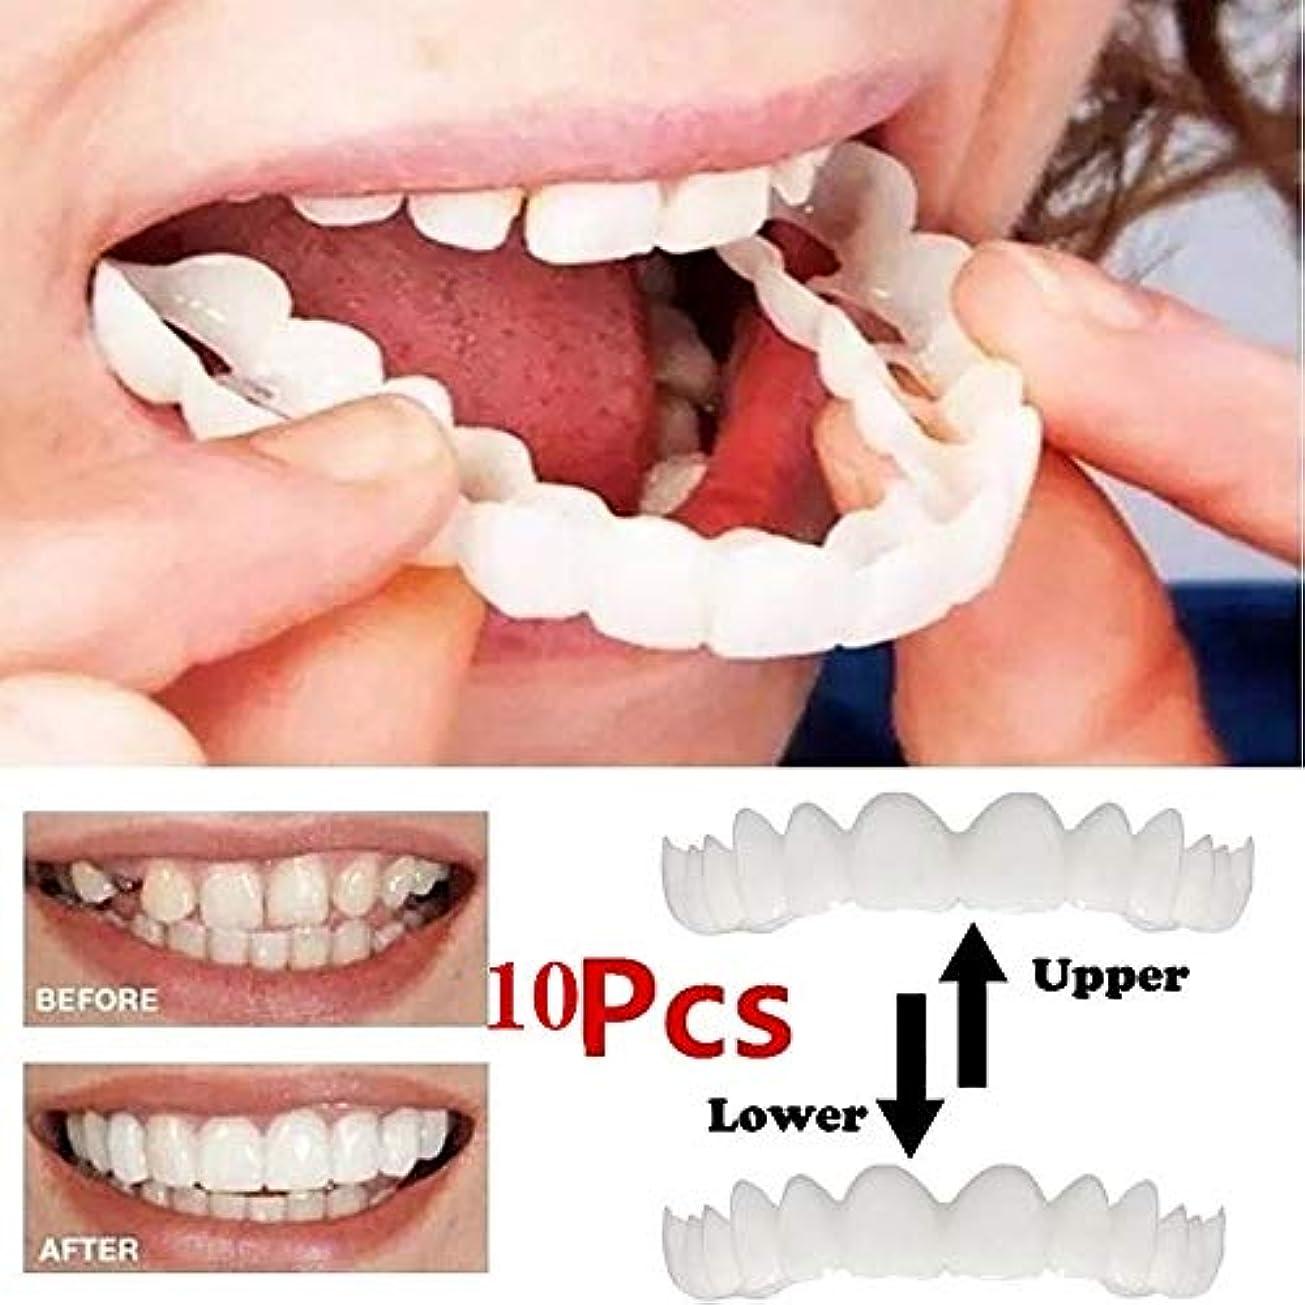 ブラザートランスミッション格差突き板の歯、化粧品の歯5組 - 一時的な微笑の慰めの適合の屈曲の化粧品の歯、1つのサイズはほとんど合い、快適な上および最下のベニヤ - 歯のベニヤ(底+上)